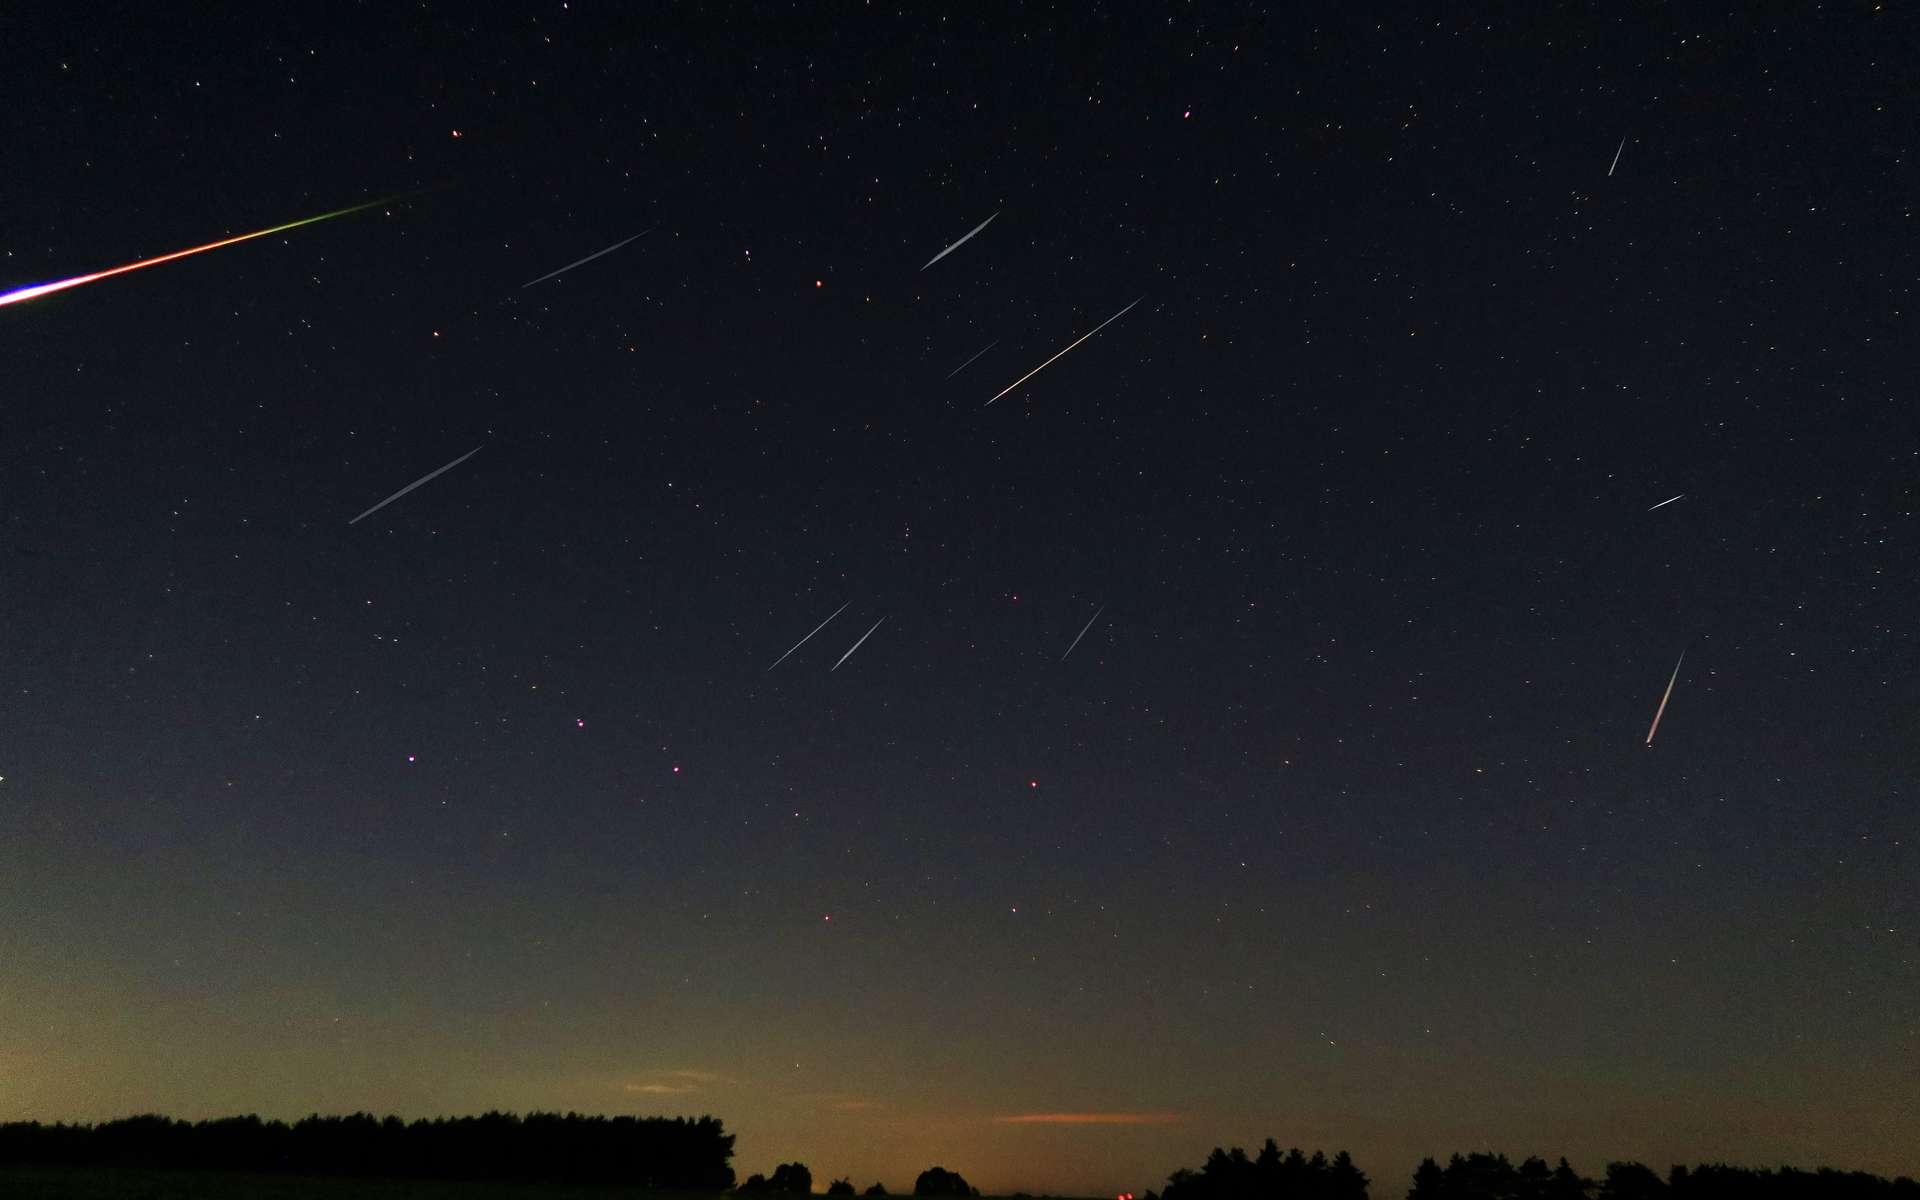 Perséides photographiées au cœur de la nuit du 12 au 13 août dans l'Ontario, Canada. Parmi ces étoiles filantes, un beau bolide fendait le ciel. © Felix Zai